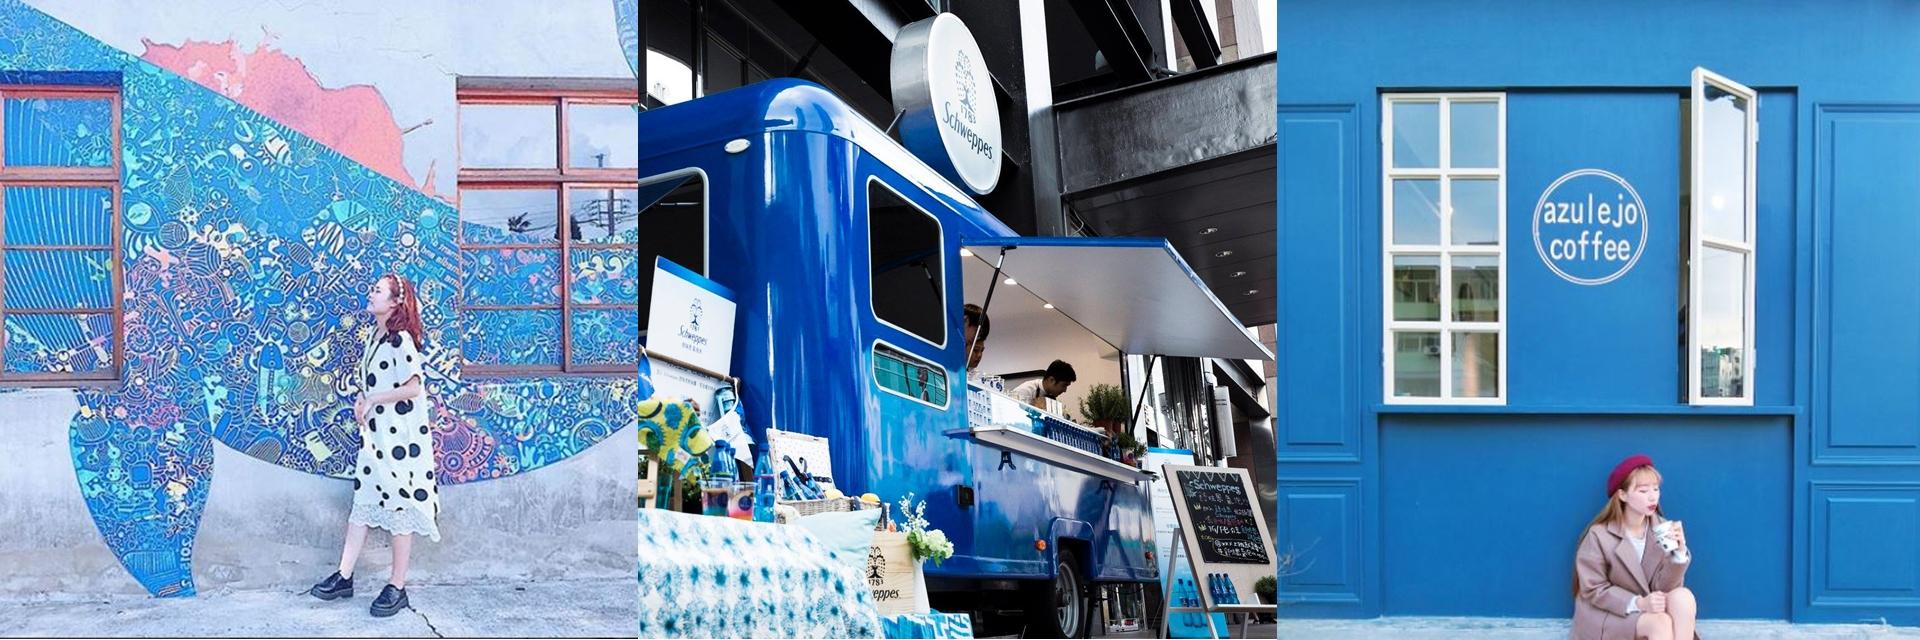 IG 妝點成一片藍 看了心情變超好! 看藍藍喝涼涼 今夏決定這樣「藍一夏」!